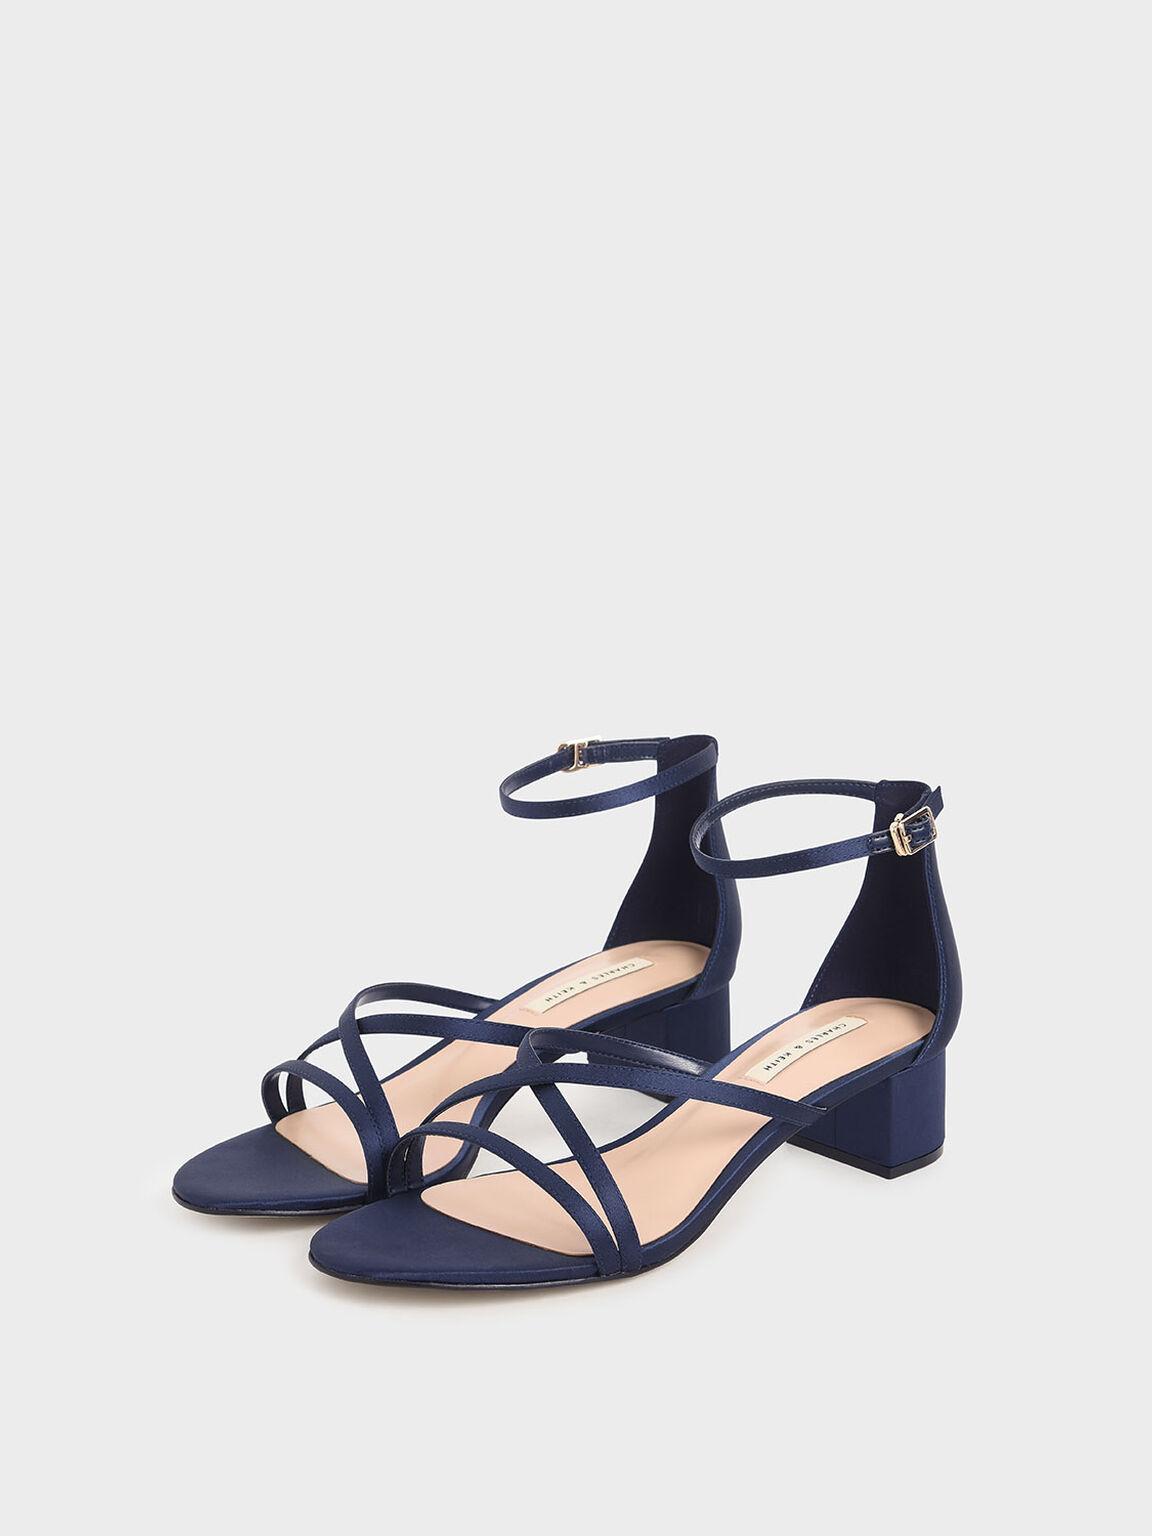 Satin Strappy Heeled Sandals, Dark Blue, hi-res